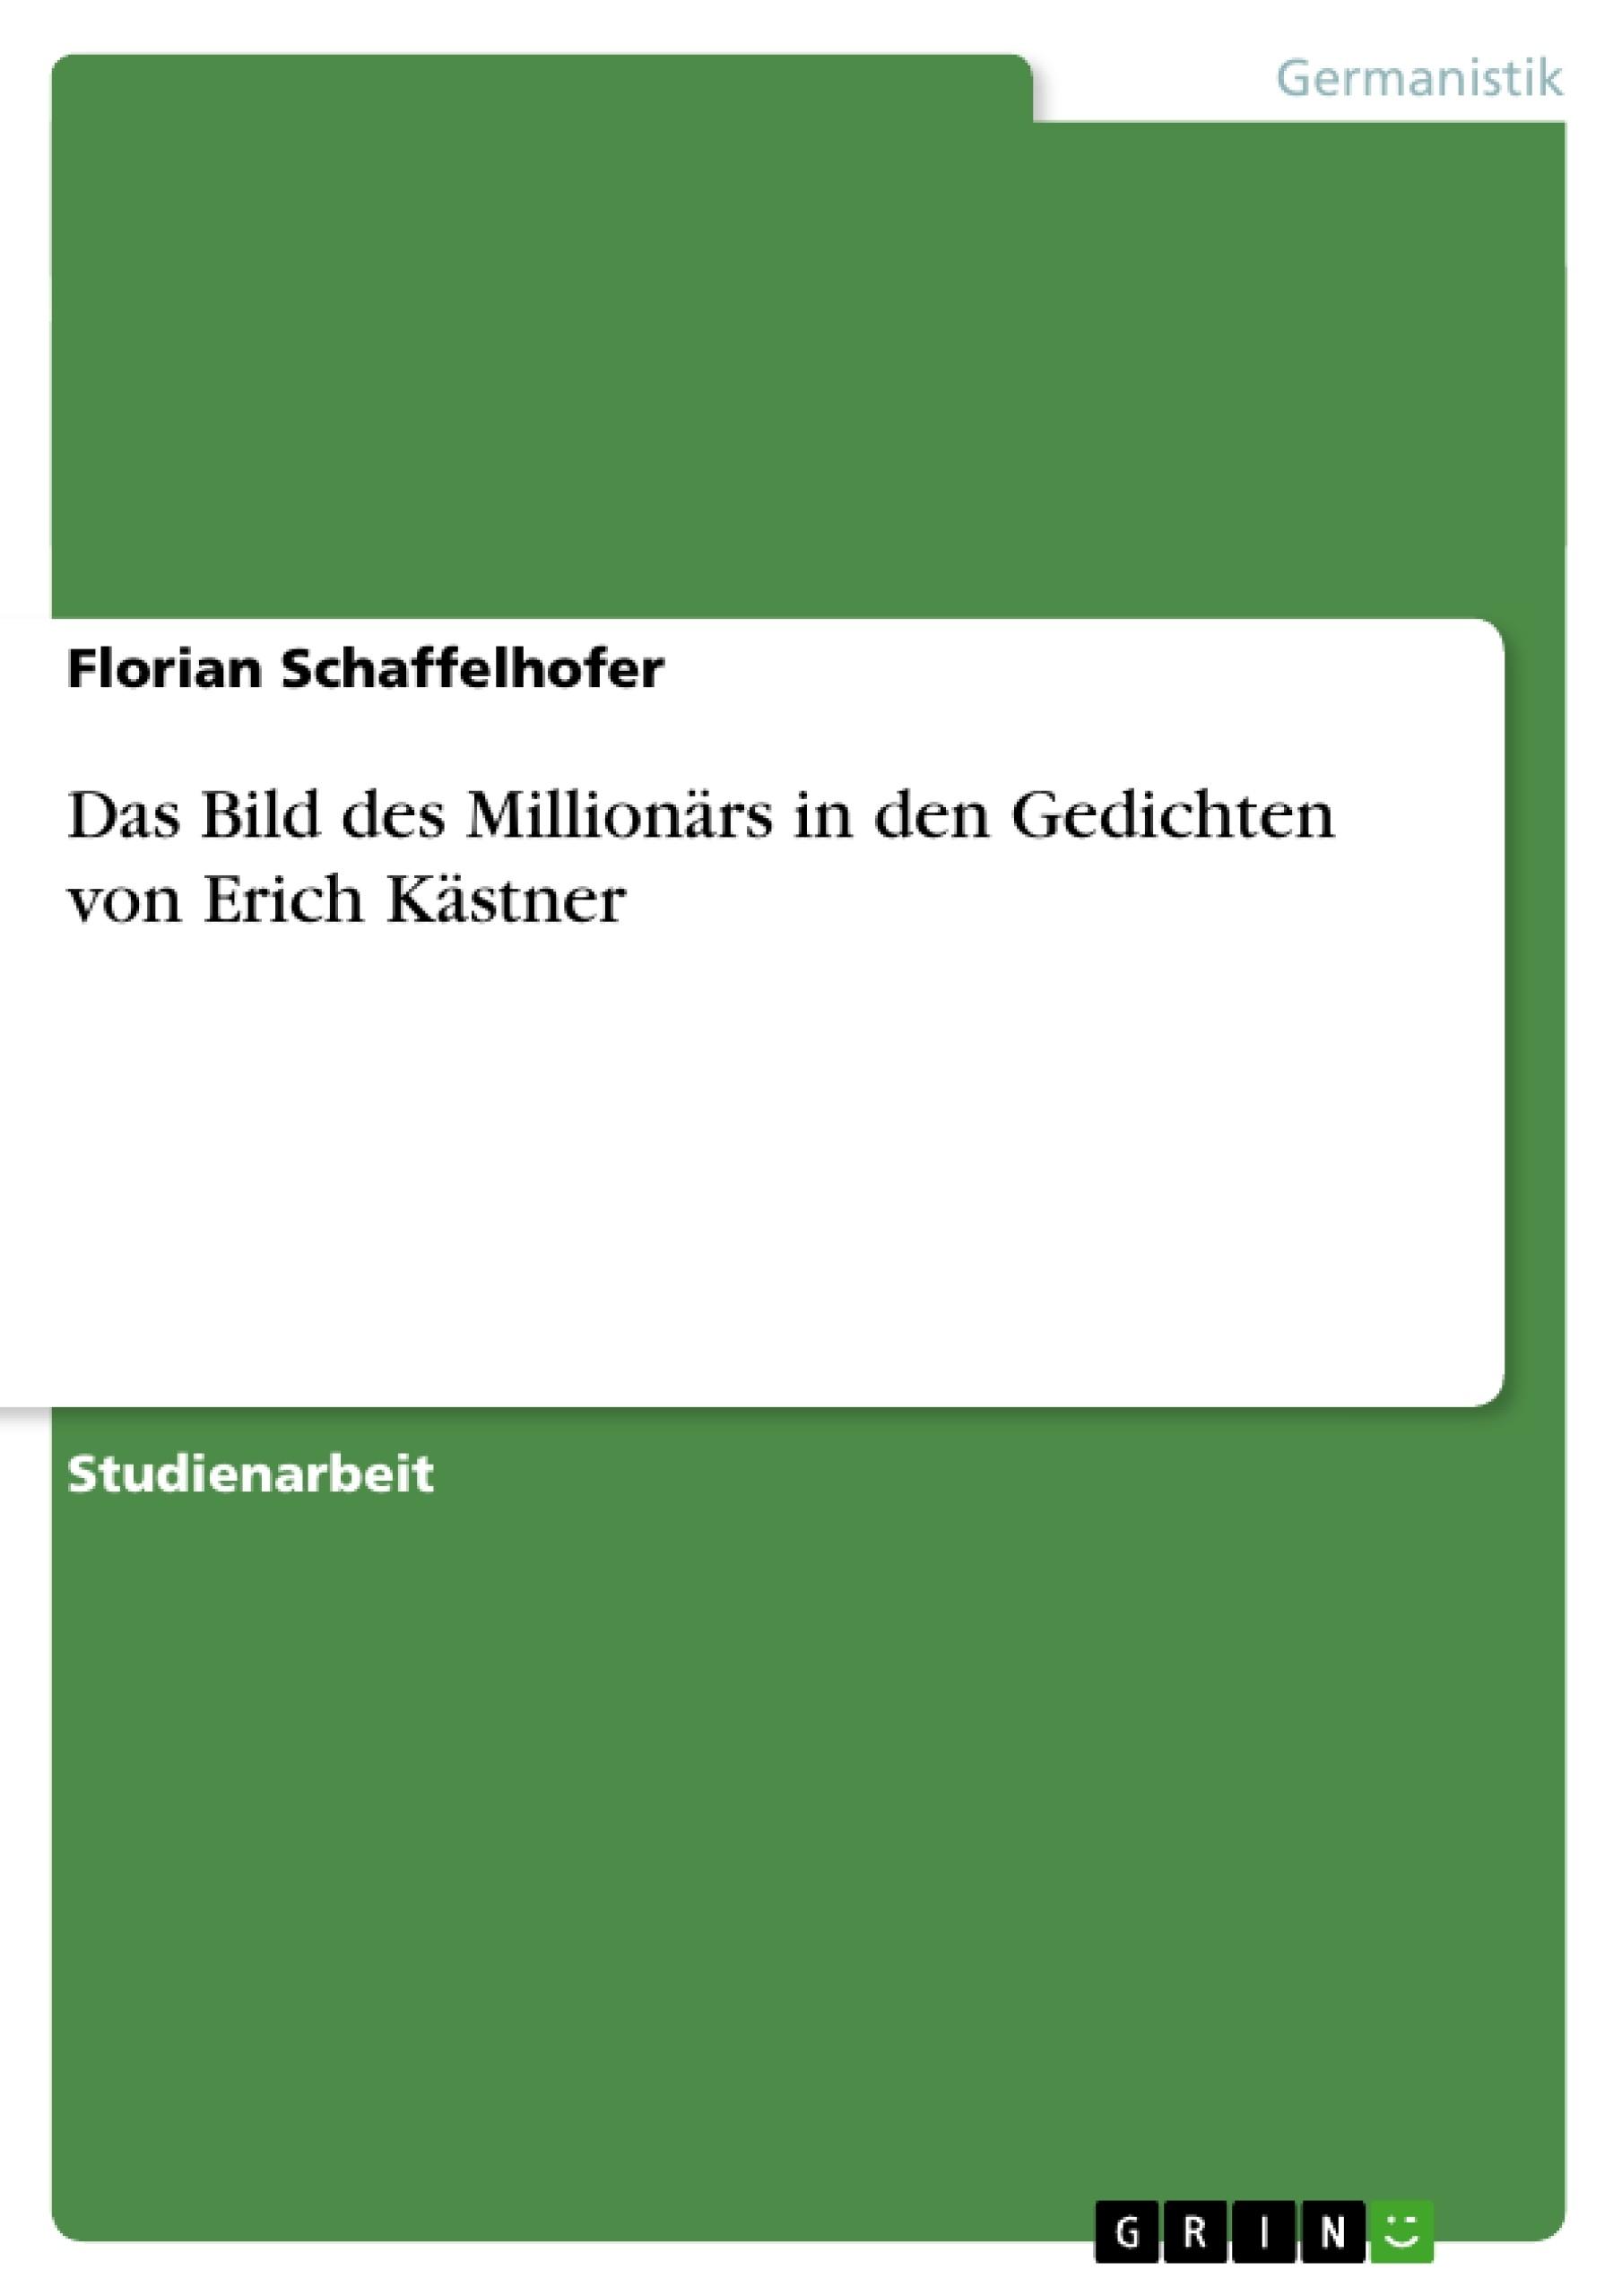 Titel: Das Bild des Millionärs in den Gedichten von Erich Kästner